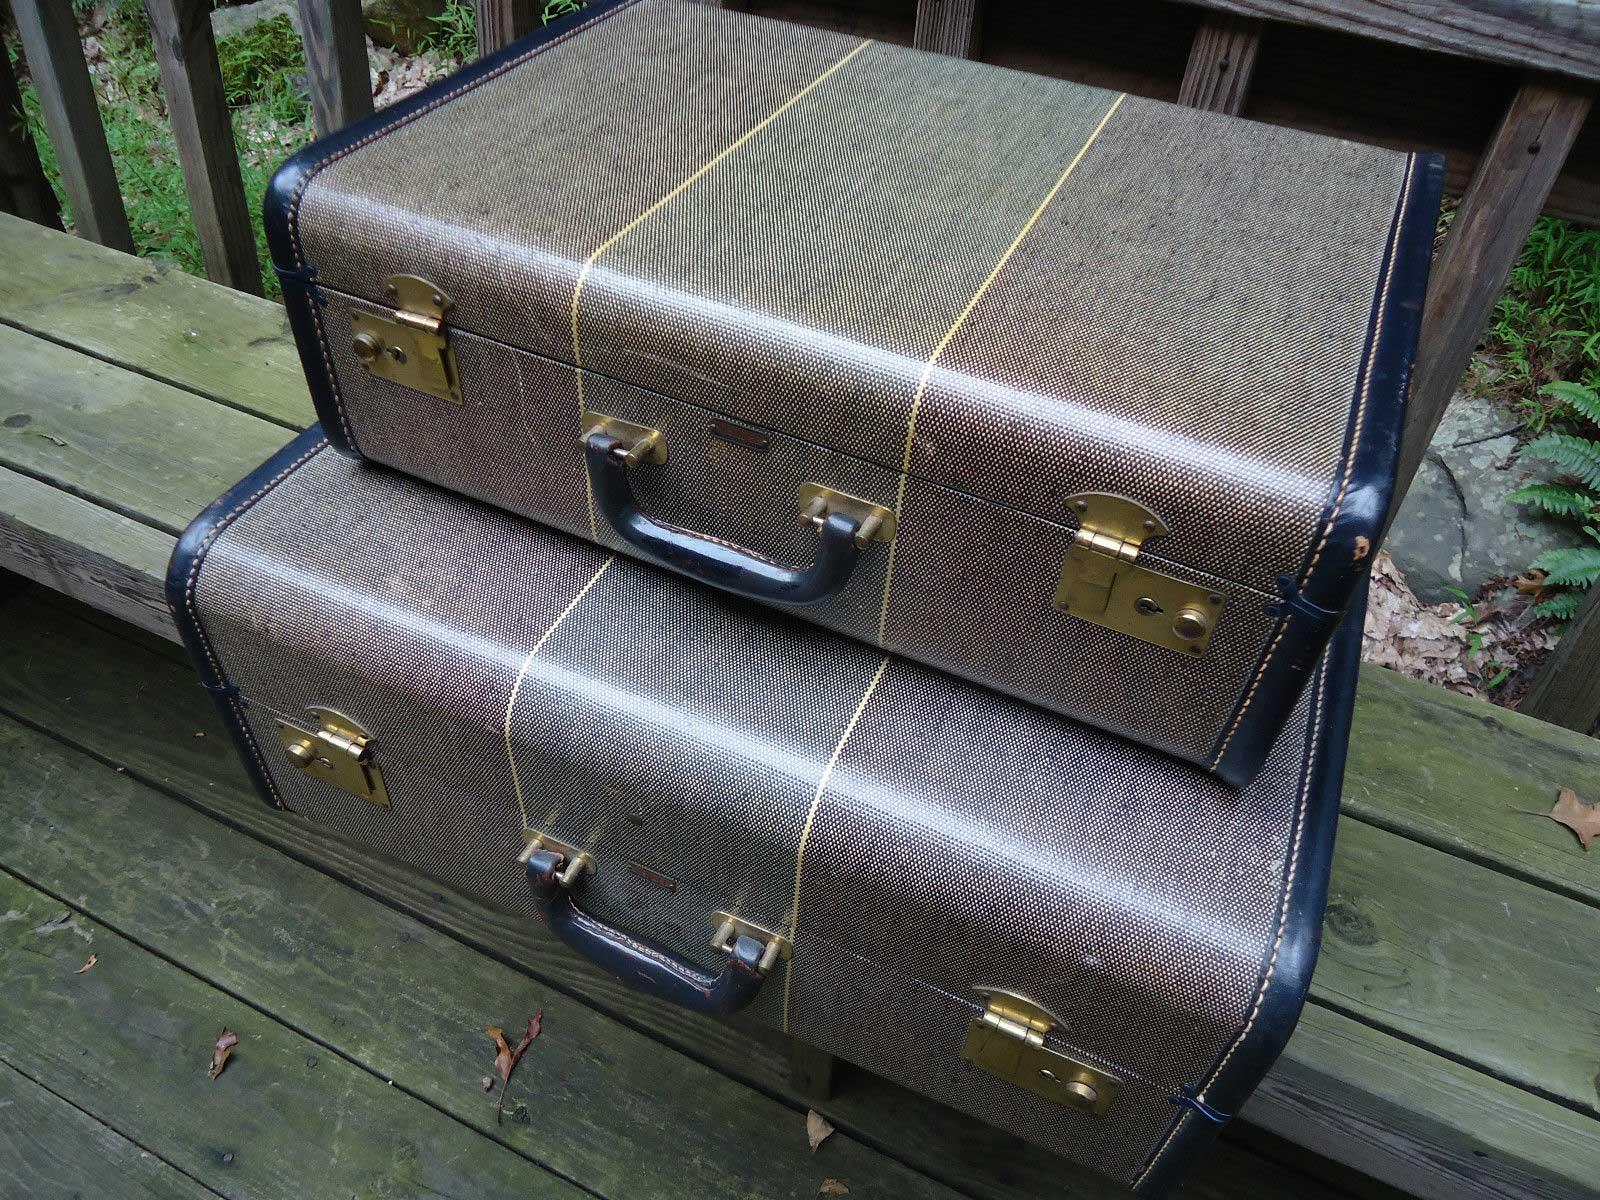 Pair-of-Vintage-Suitcases, vintage luggage, tweed suitcase, vintage suitcase